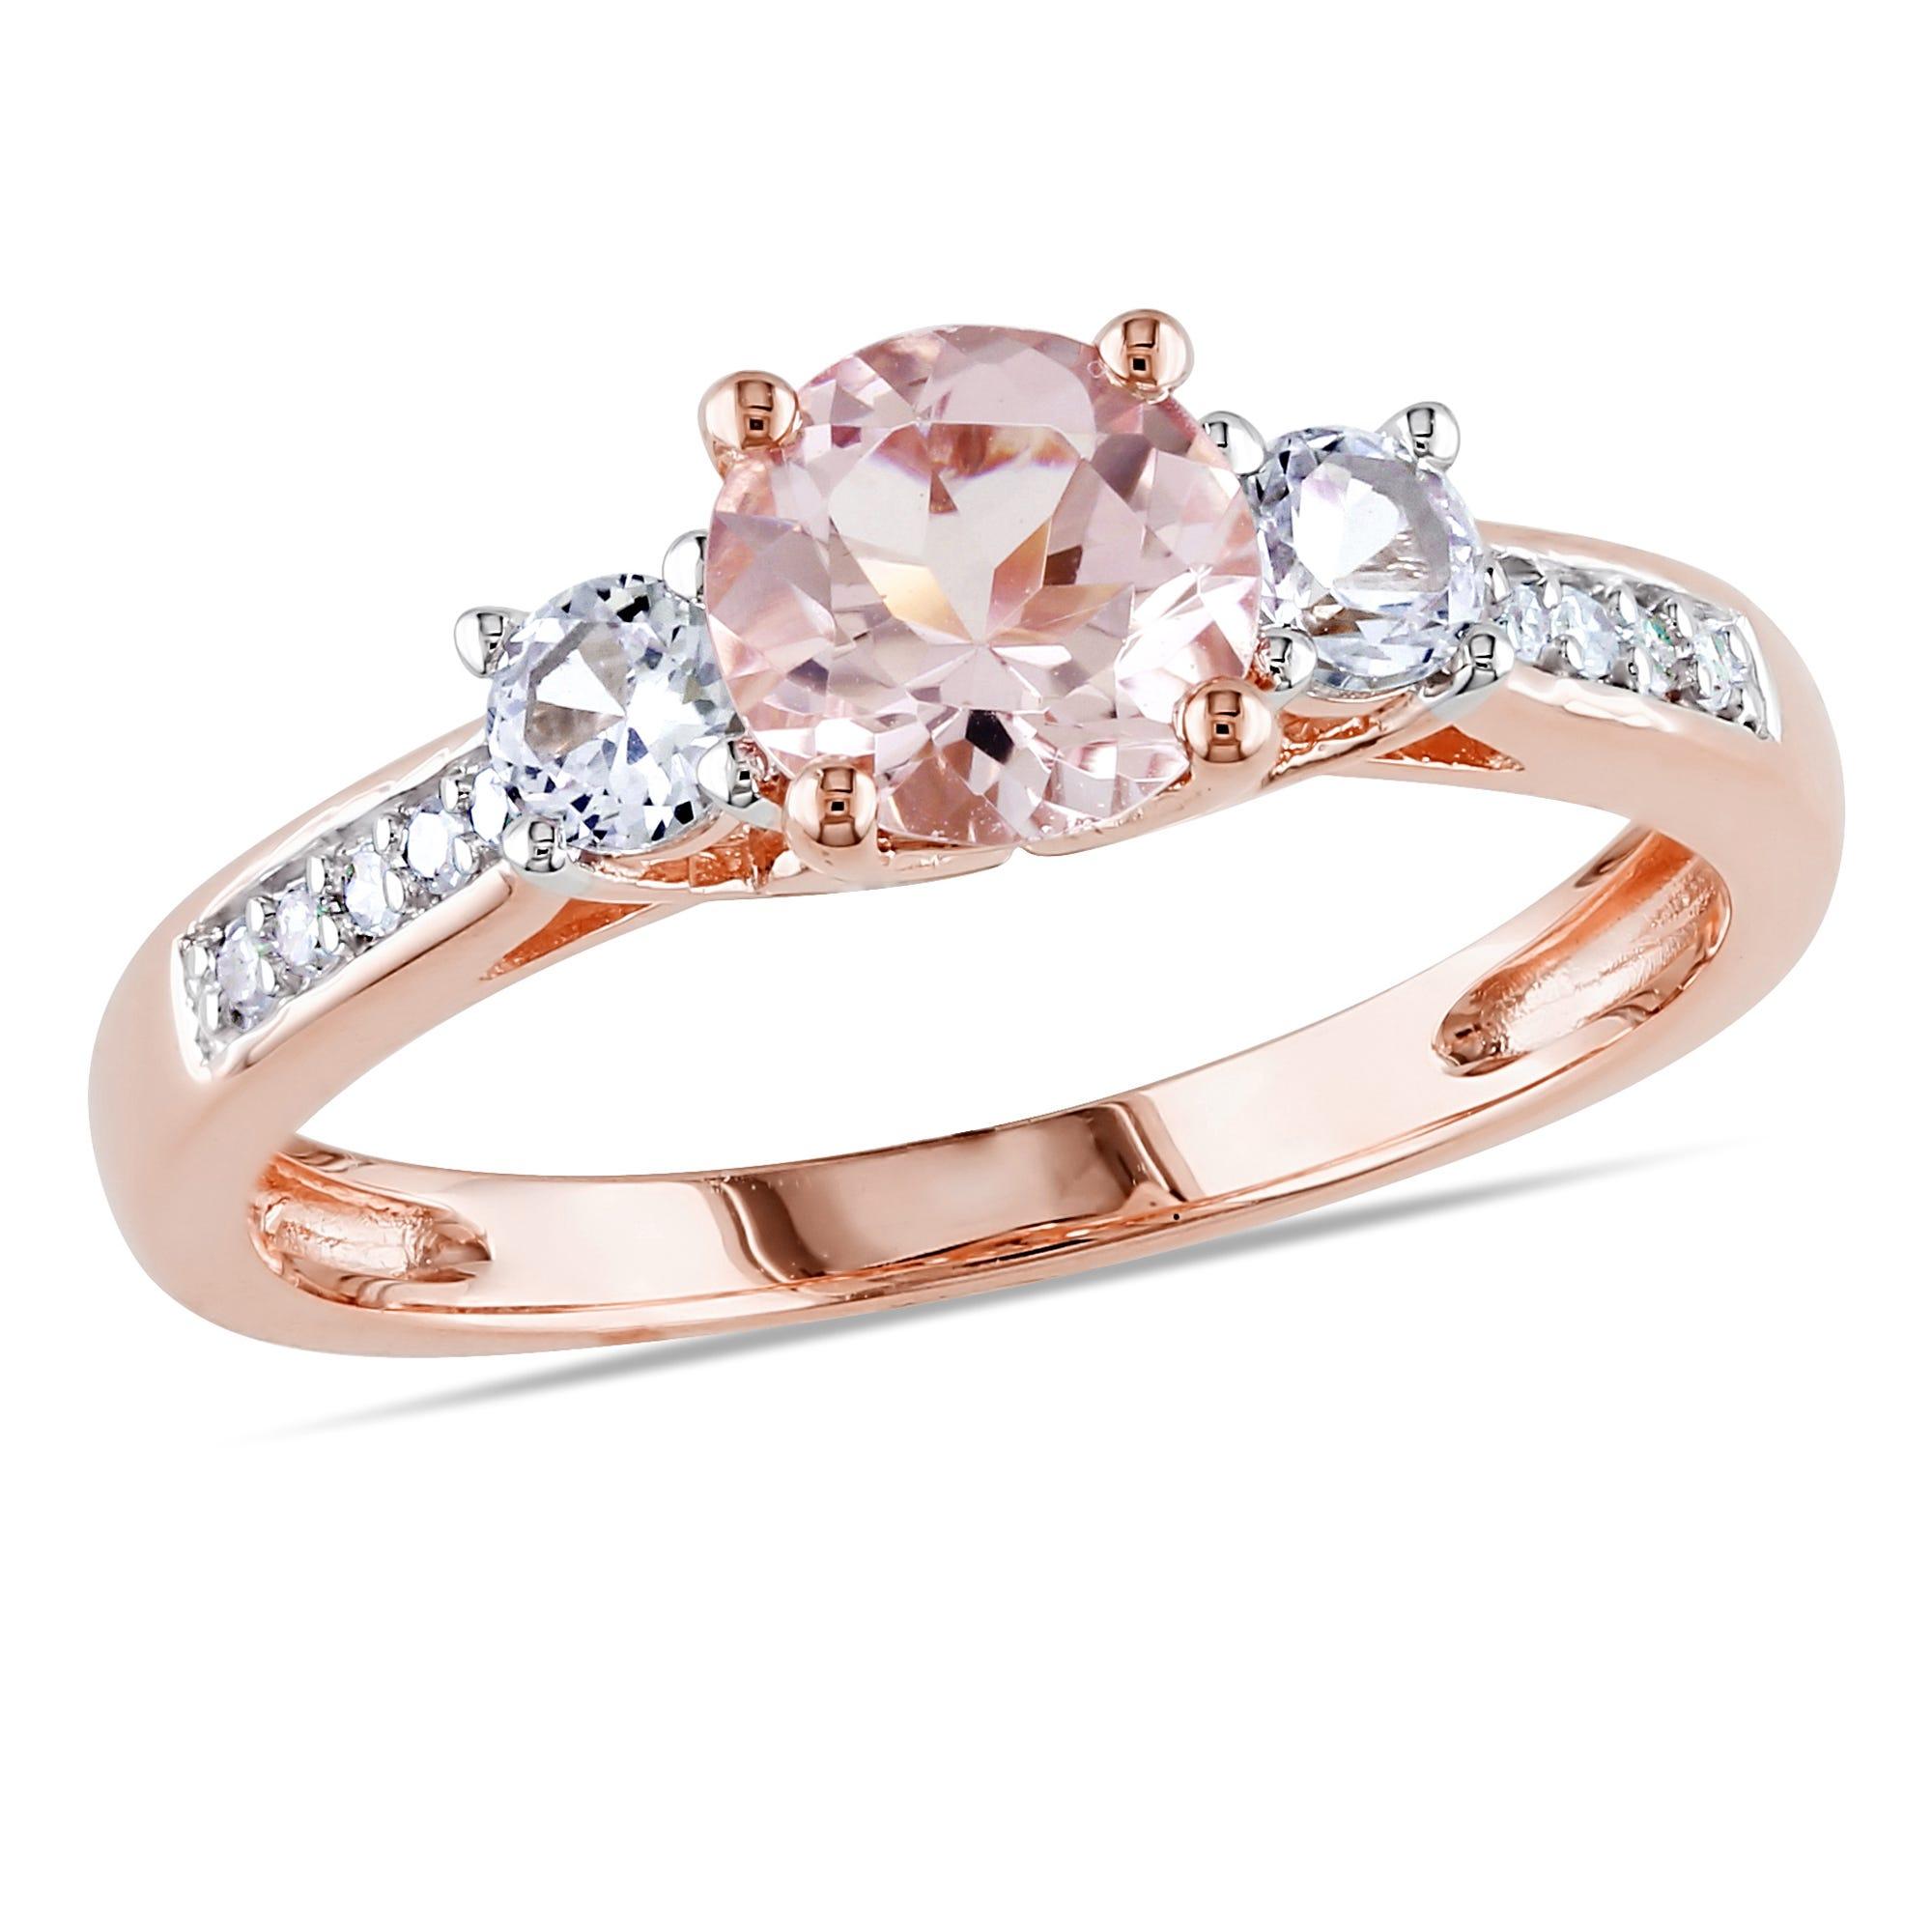 Three-Stone Morganite, White Sapphire & Diamond Engagement Ring in 10k Rose Gold